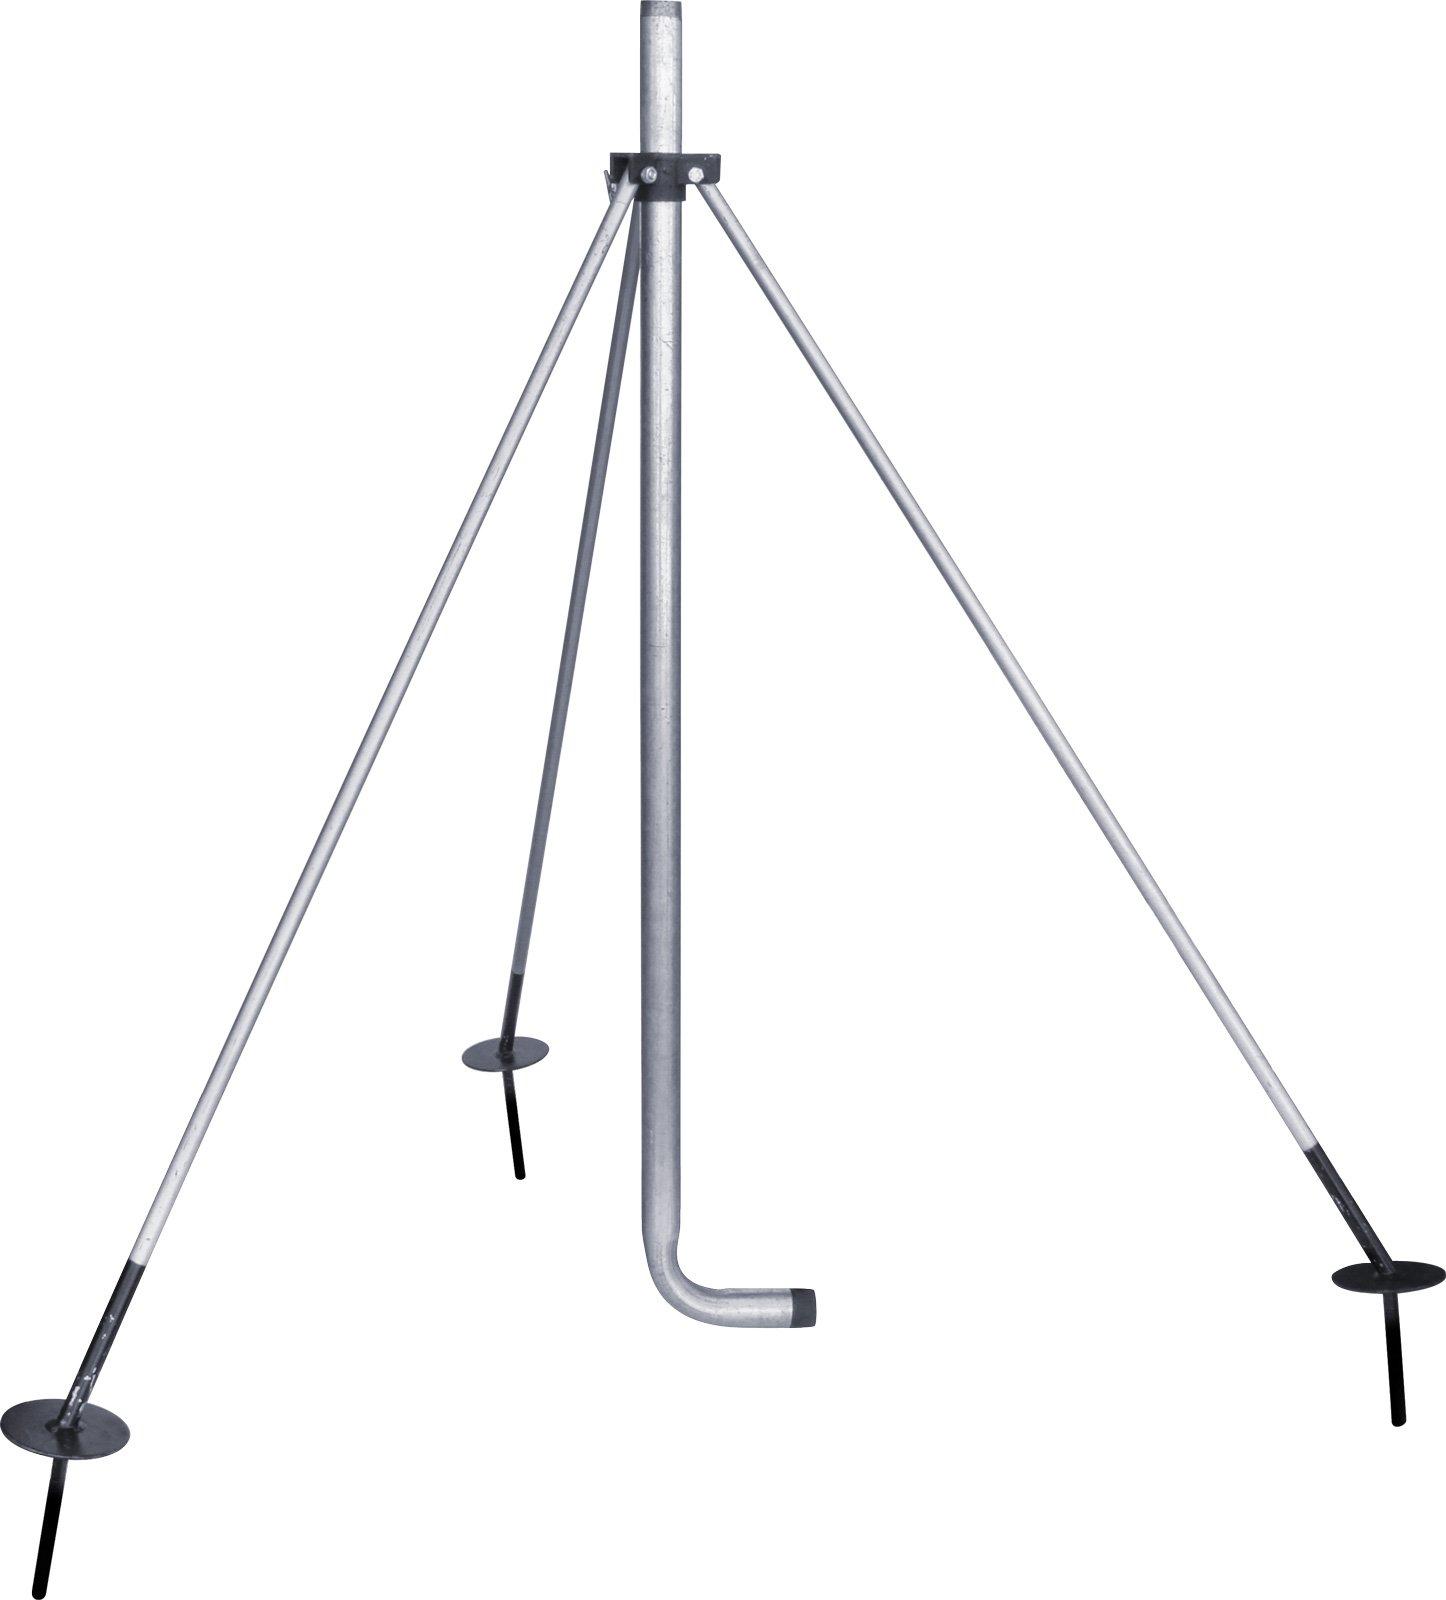 IrrigationKing RKTR150 63'' Tripod Stand for 1-1/2'' Rain Guns